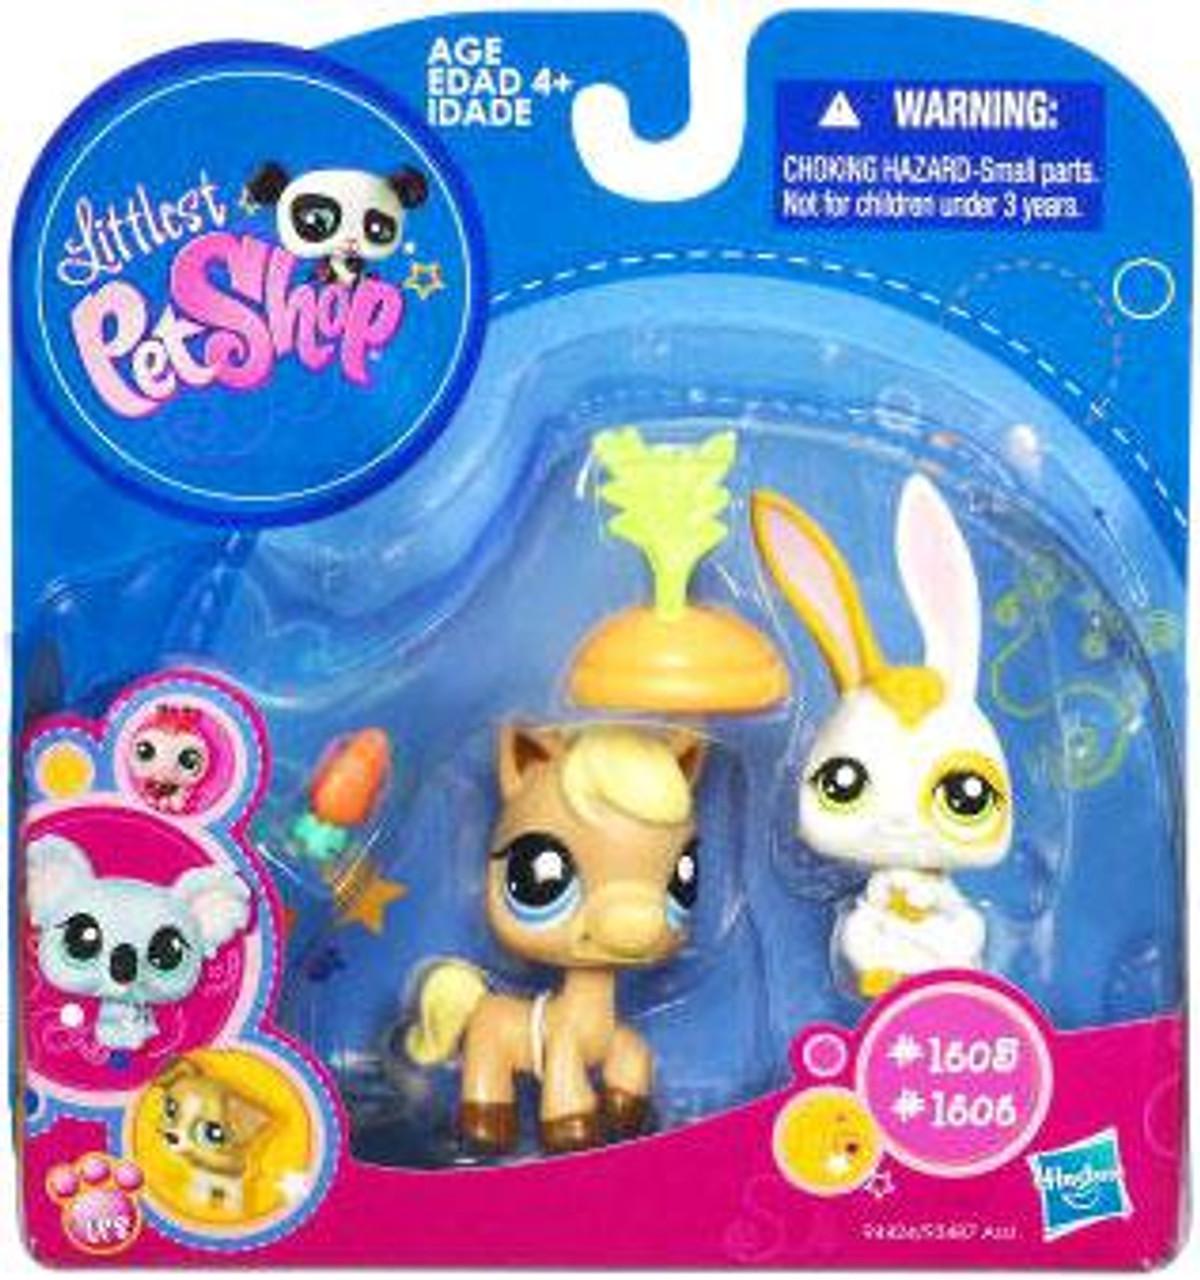 Littlest Pet Shop 2010 Assortment A Series 4 Horse & Bunny Figure 2-Pack #1605, 1606